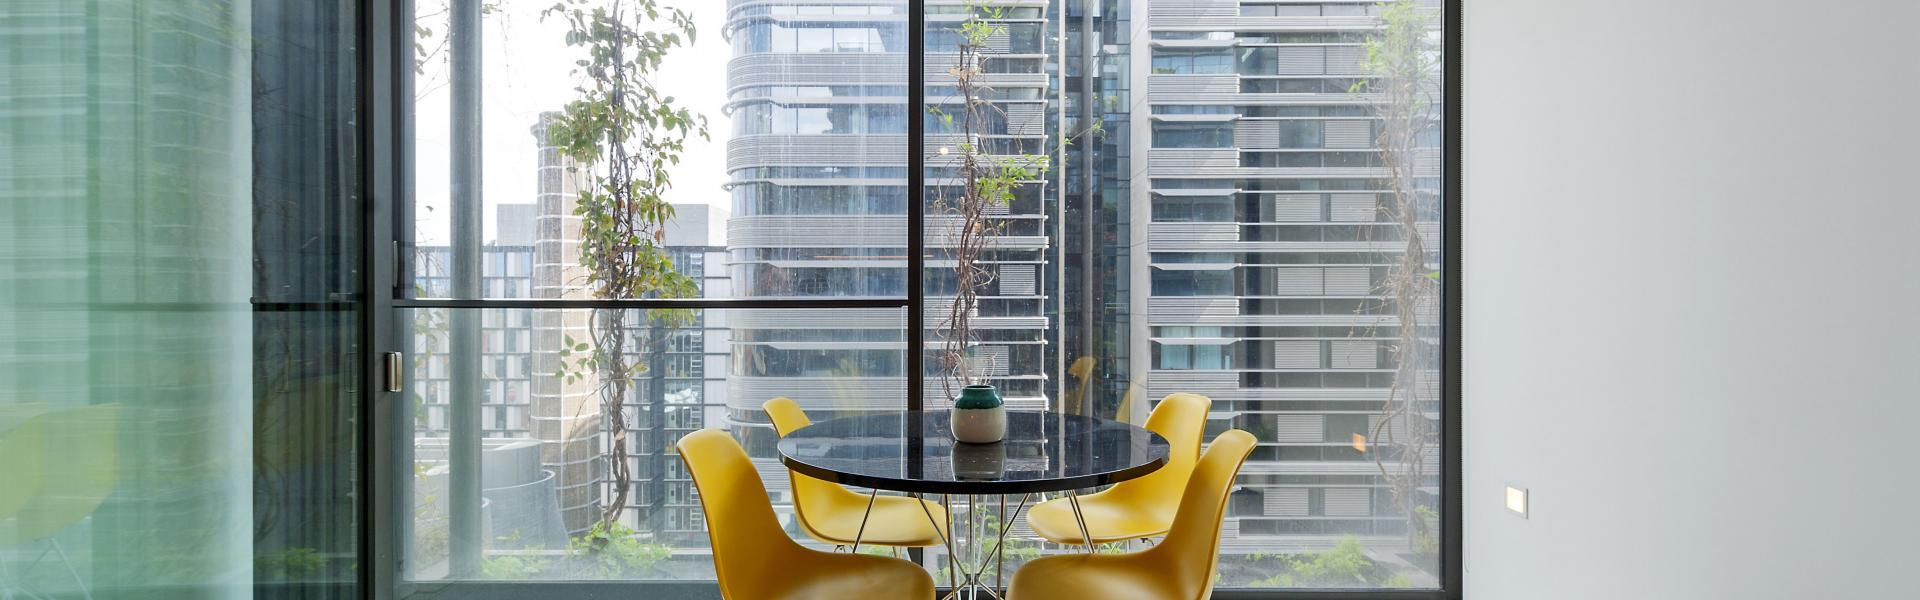 Fully furnished designer property in Central  Park